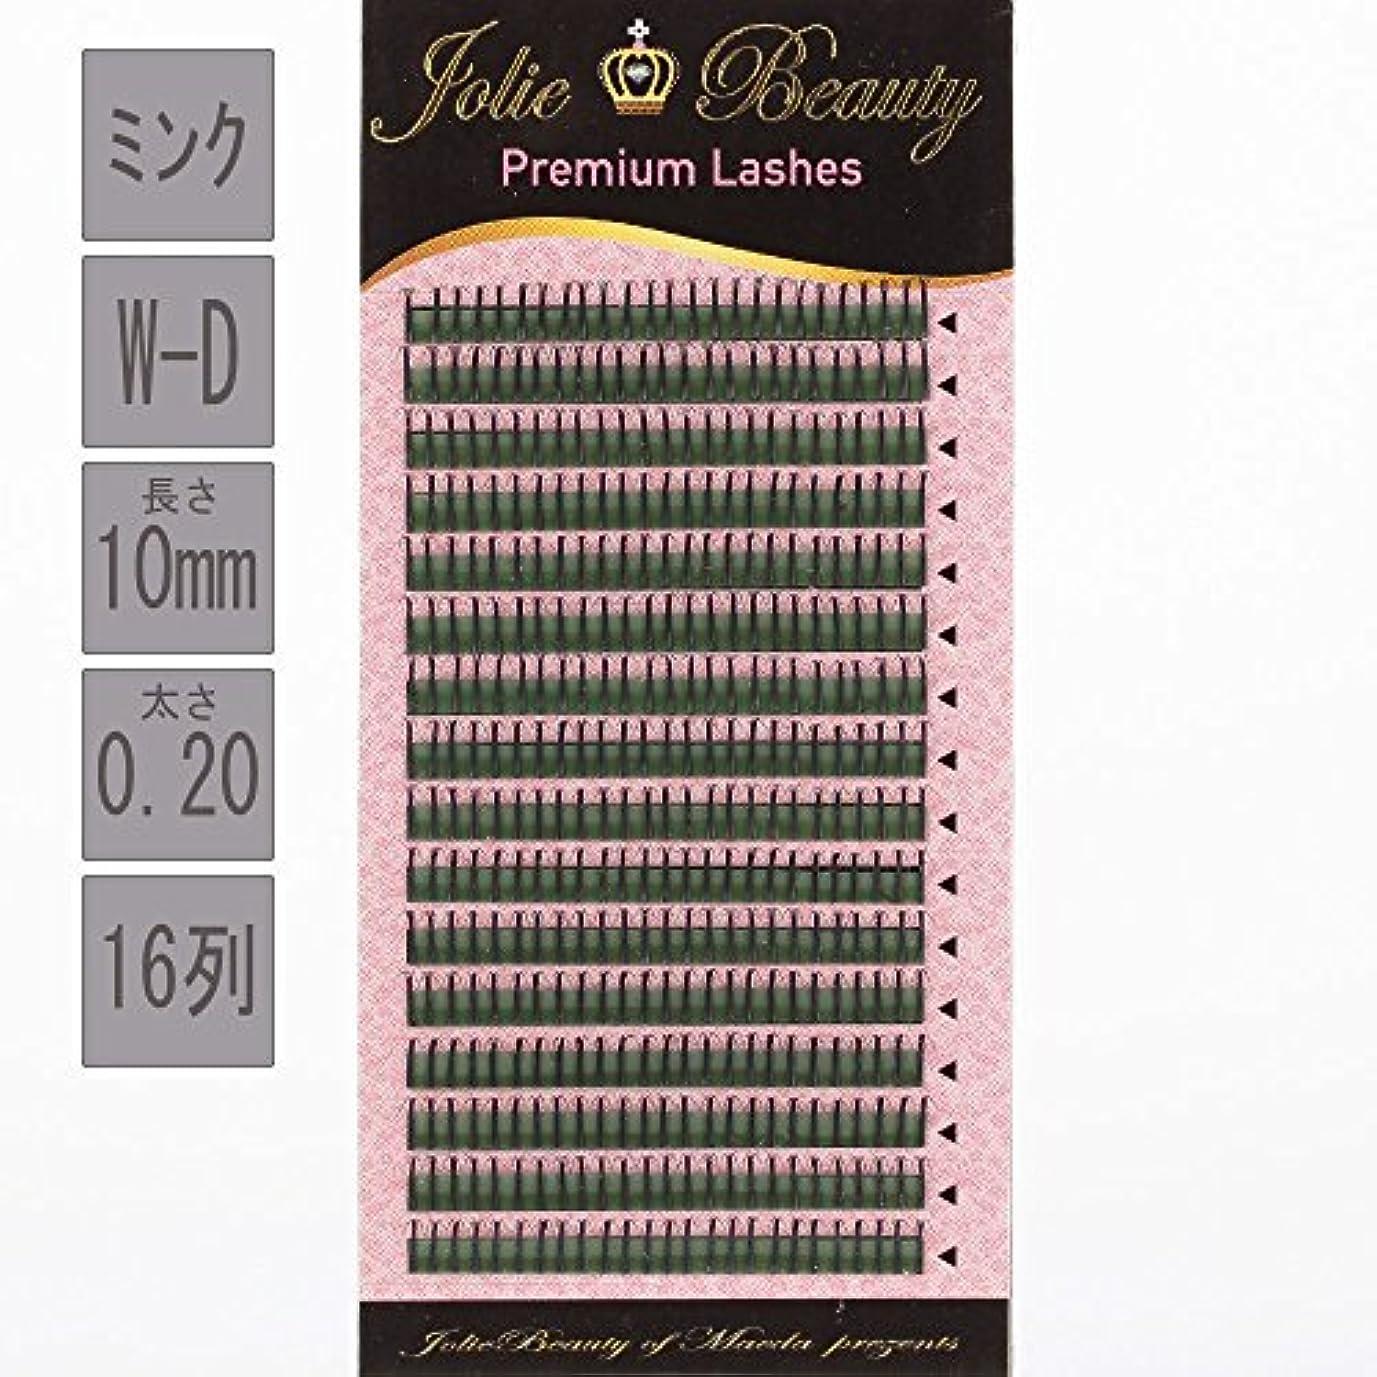 軽減する平和的においまつ毛 エクステ(0.20, W-D) 長さ 10mm ( 10ミリ ) 太さ 0.10 0.15 0.18 0.20 0.25 MINK ( ミンク ) 原産国 韓国